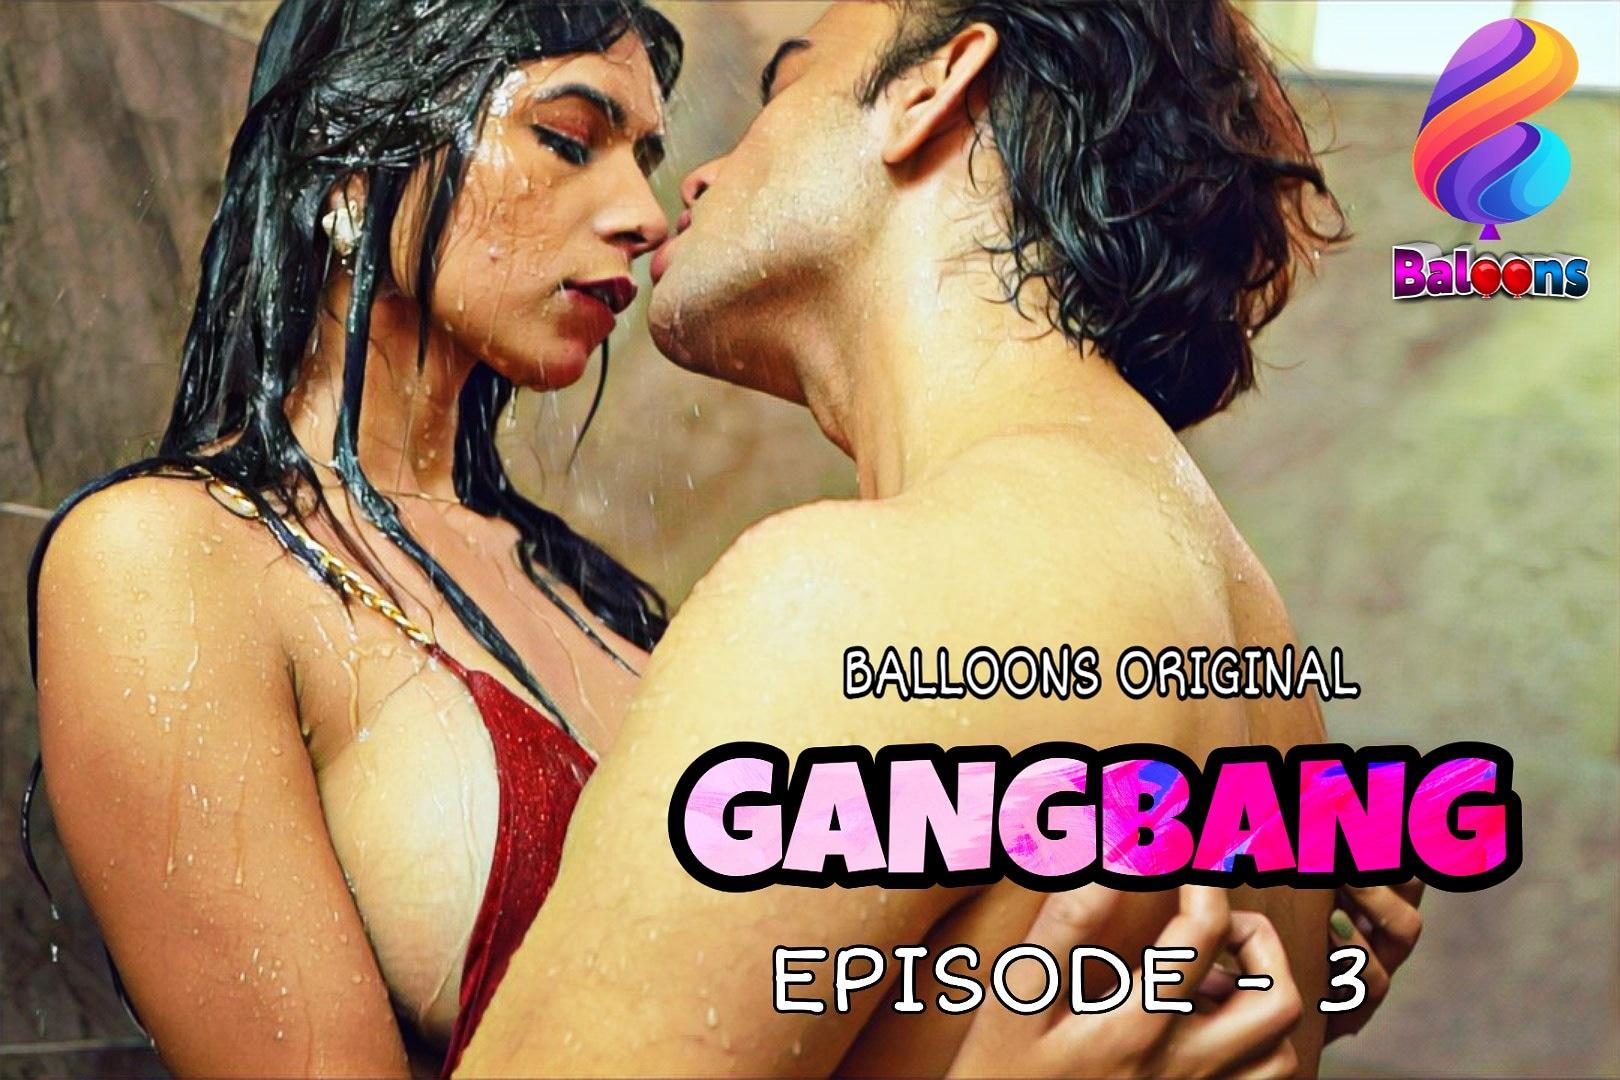 Gang Bang 2020 Balloons Hindi S01E03 Web Series 720p HDRip 202MB Download